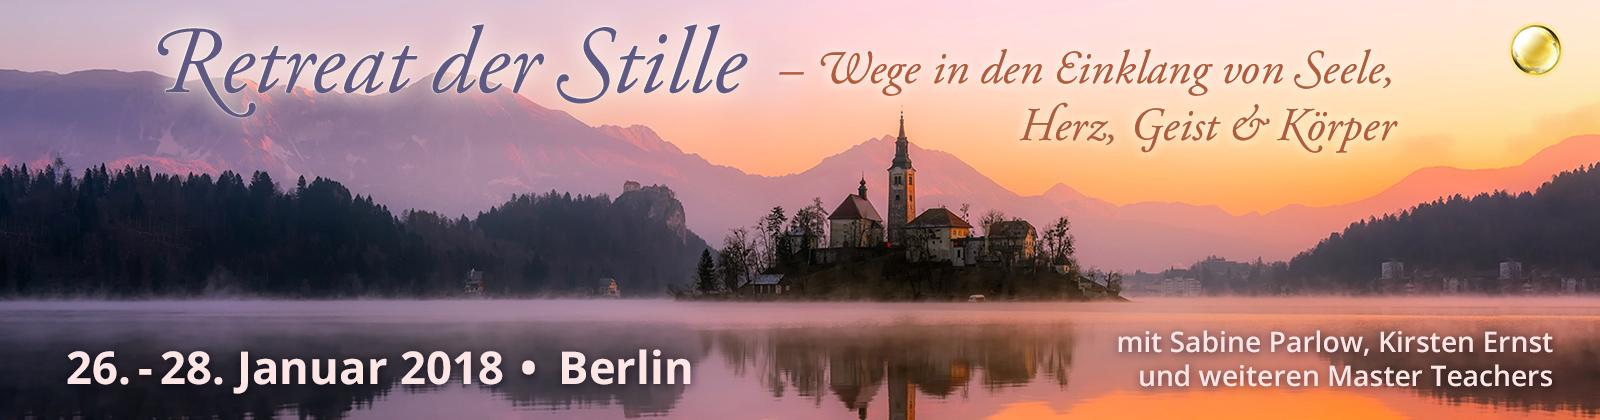 Retreat der Stille — Wege in den Einklang von Seele, Herz, Geist und Körper   Berlin & Webcast